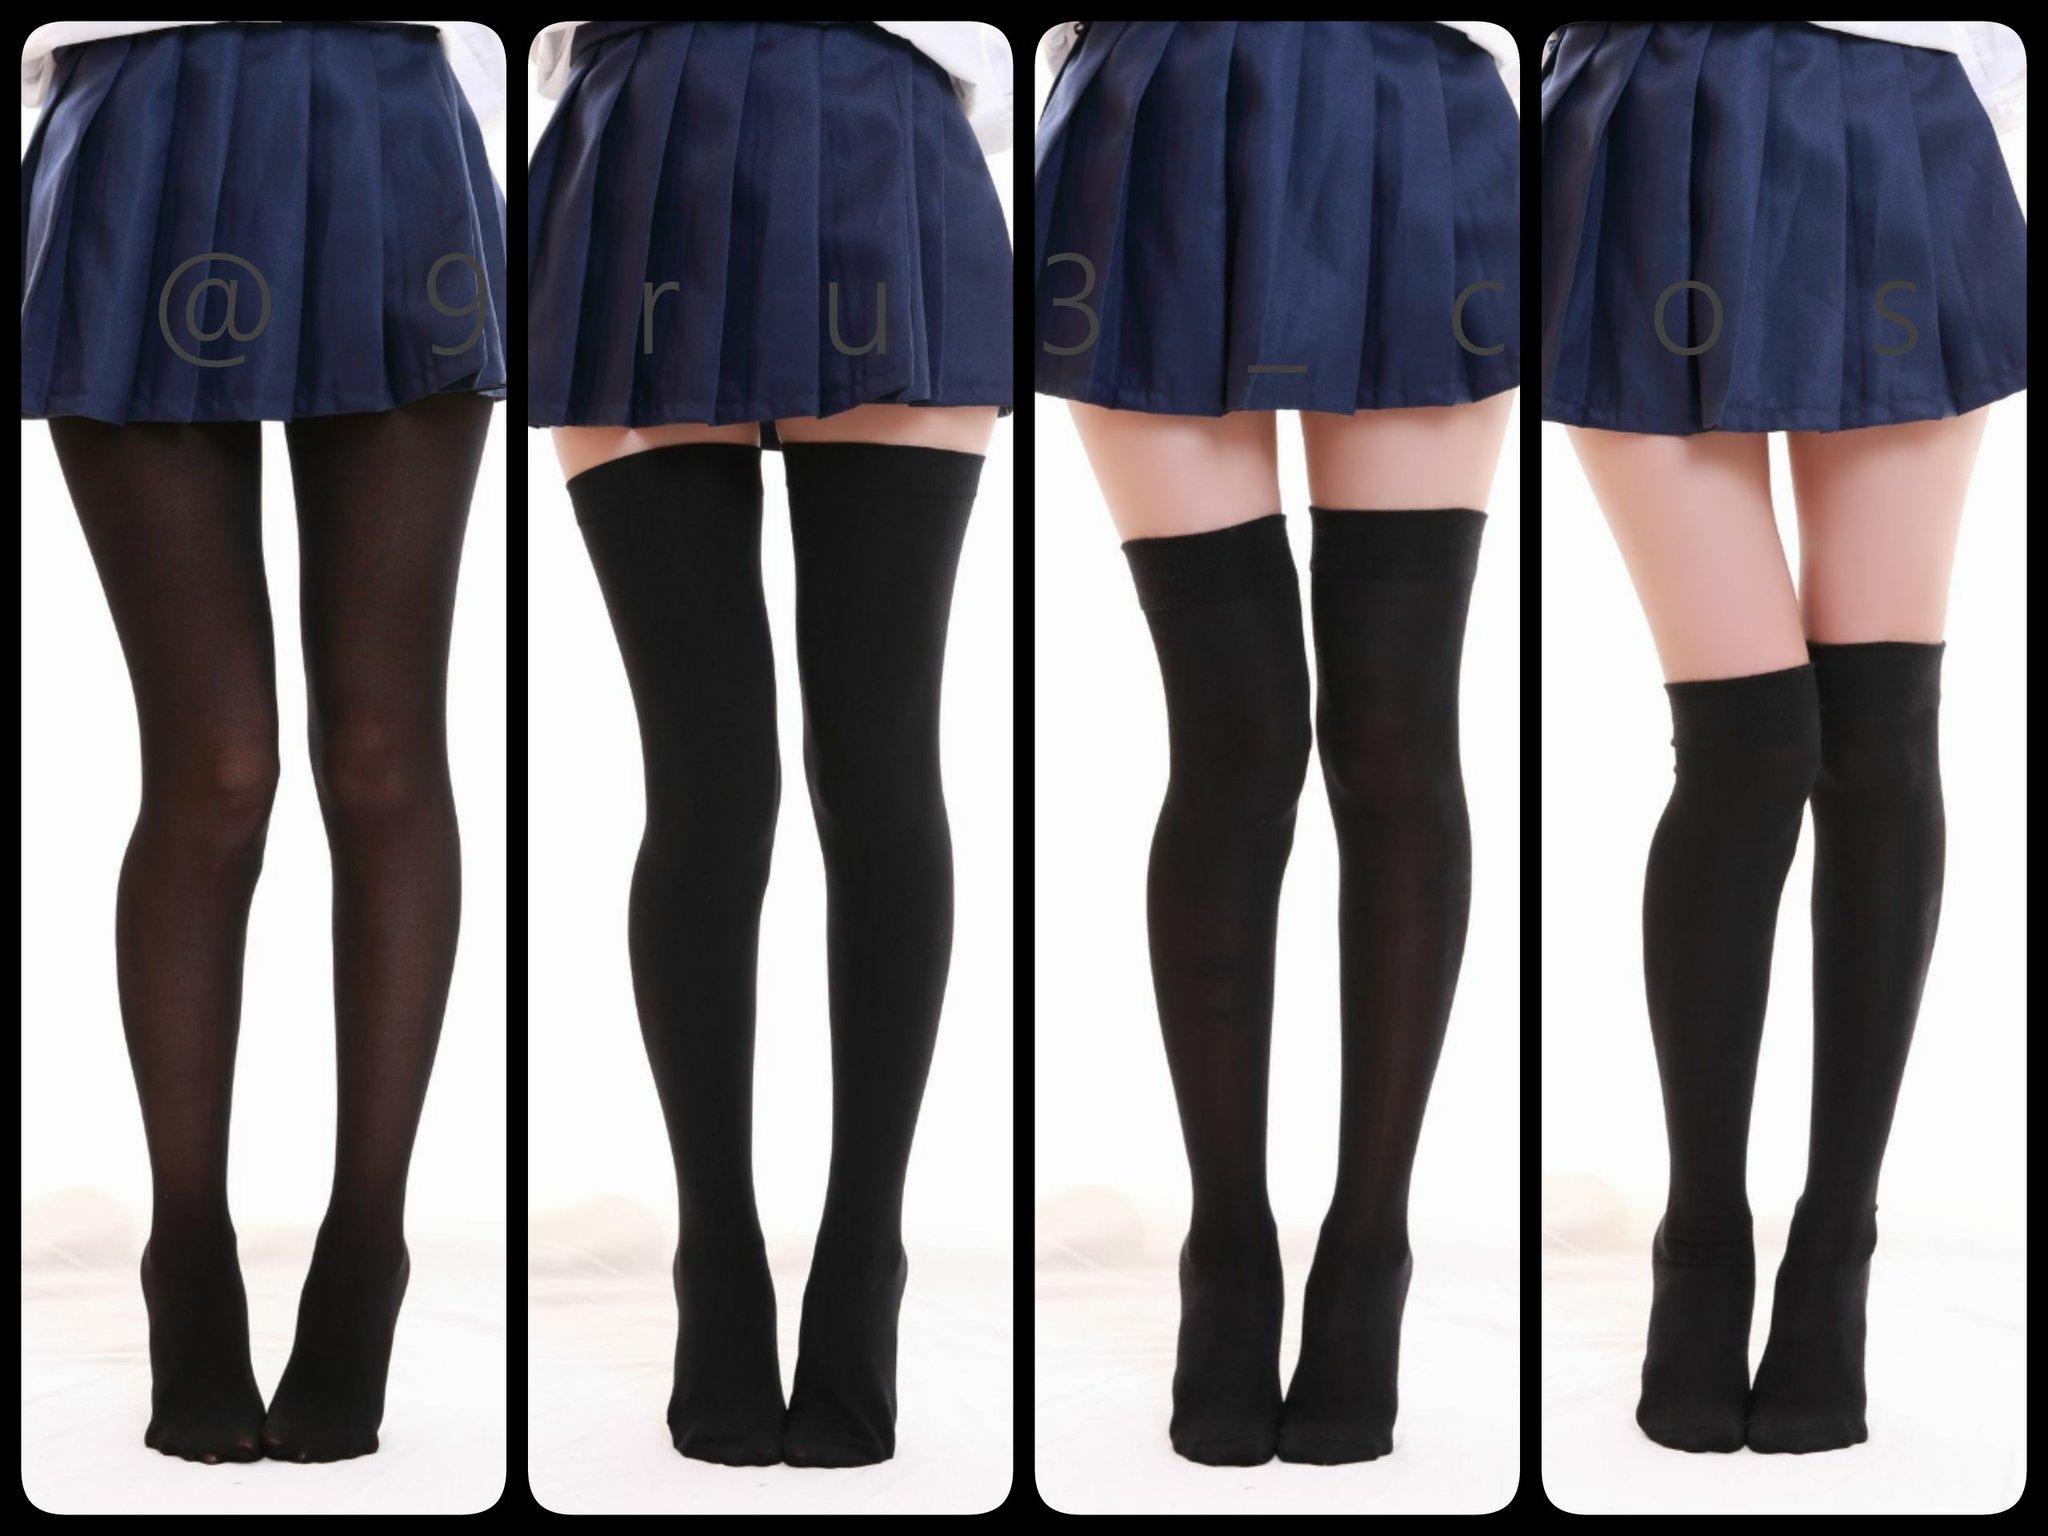 你是喜欢丝袜或是袜子?我全都要! 4